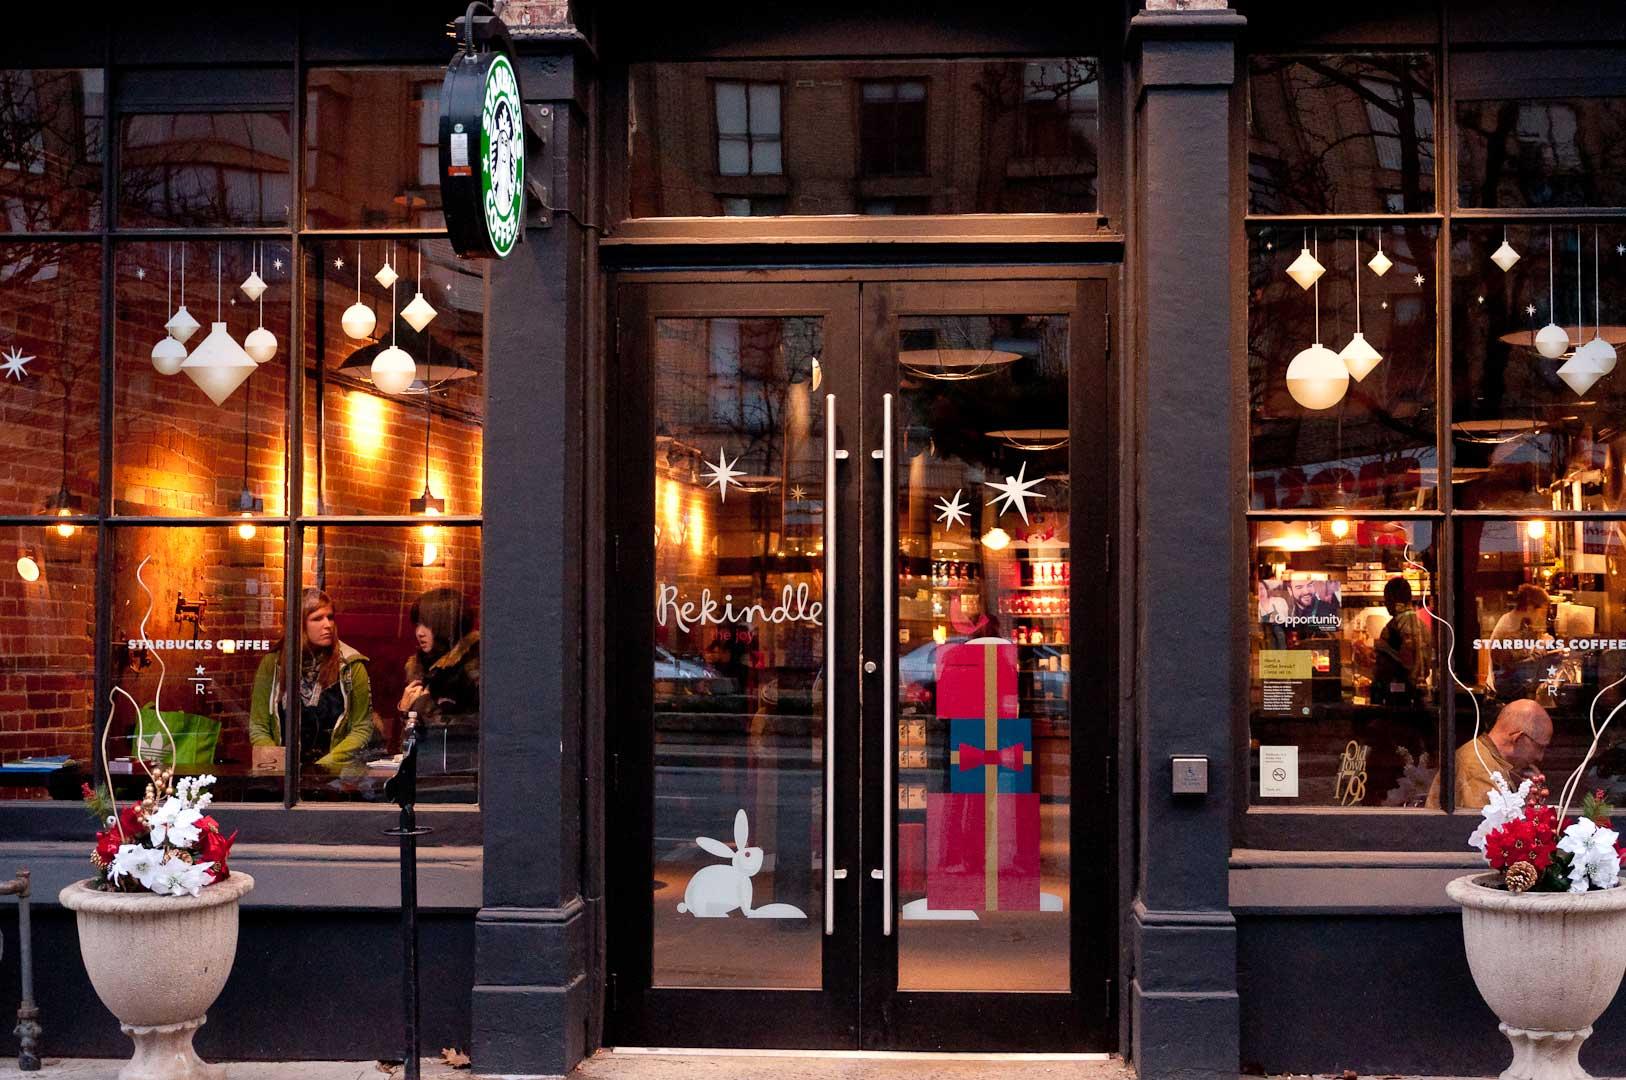 Coffee Shop Facade Installation by Explore1.ca Starbucks Entrance with Automatic Door